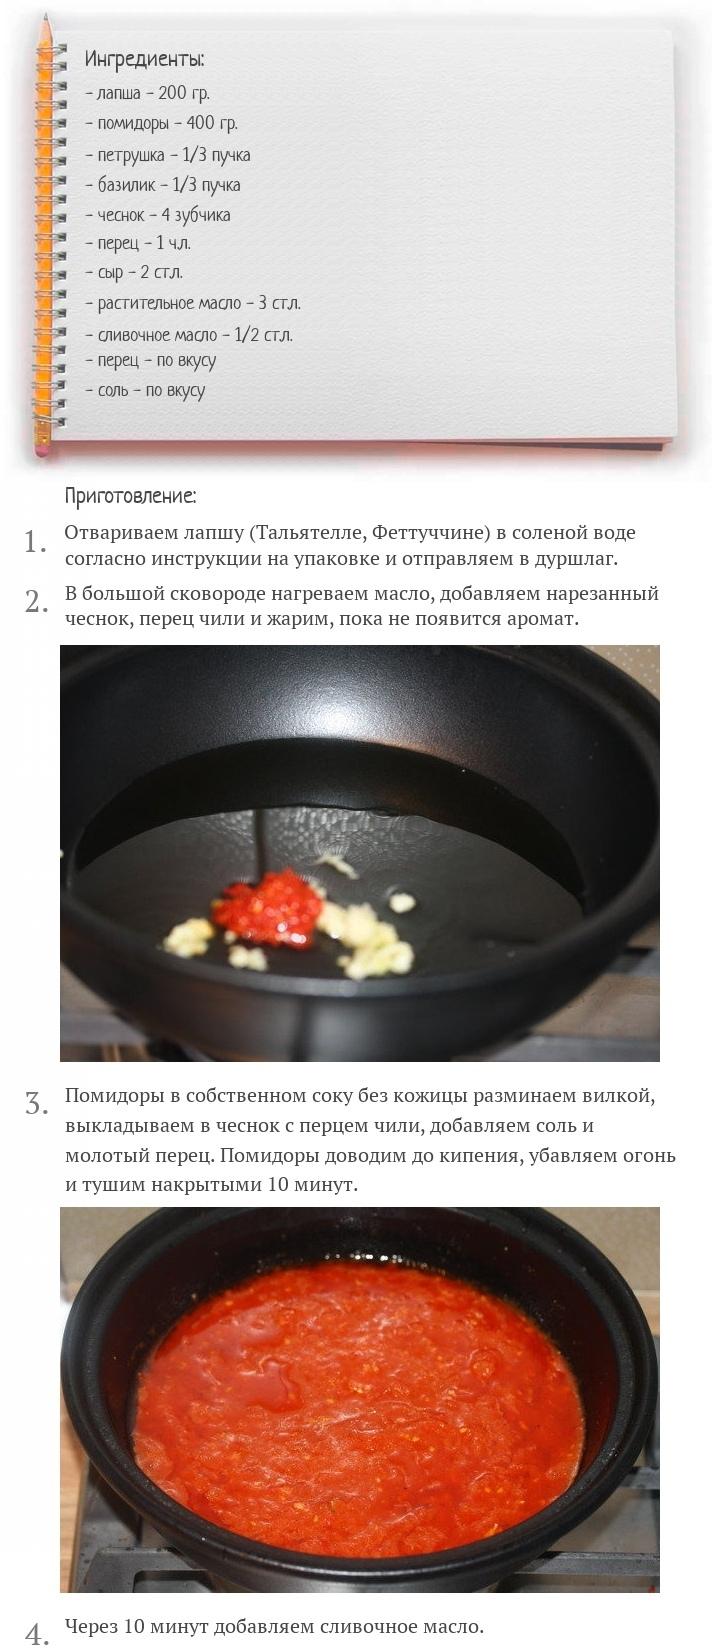 Паста в томатном соусе с зеленью, изображение №2